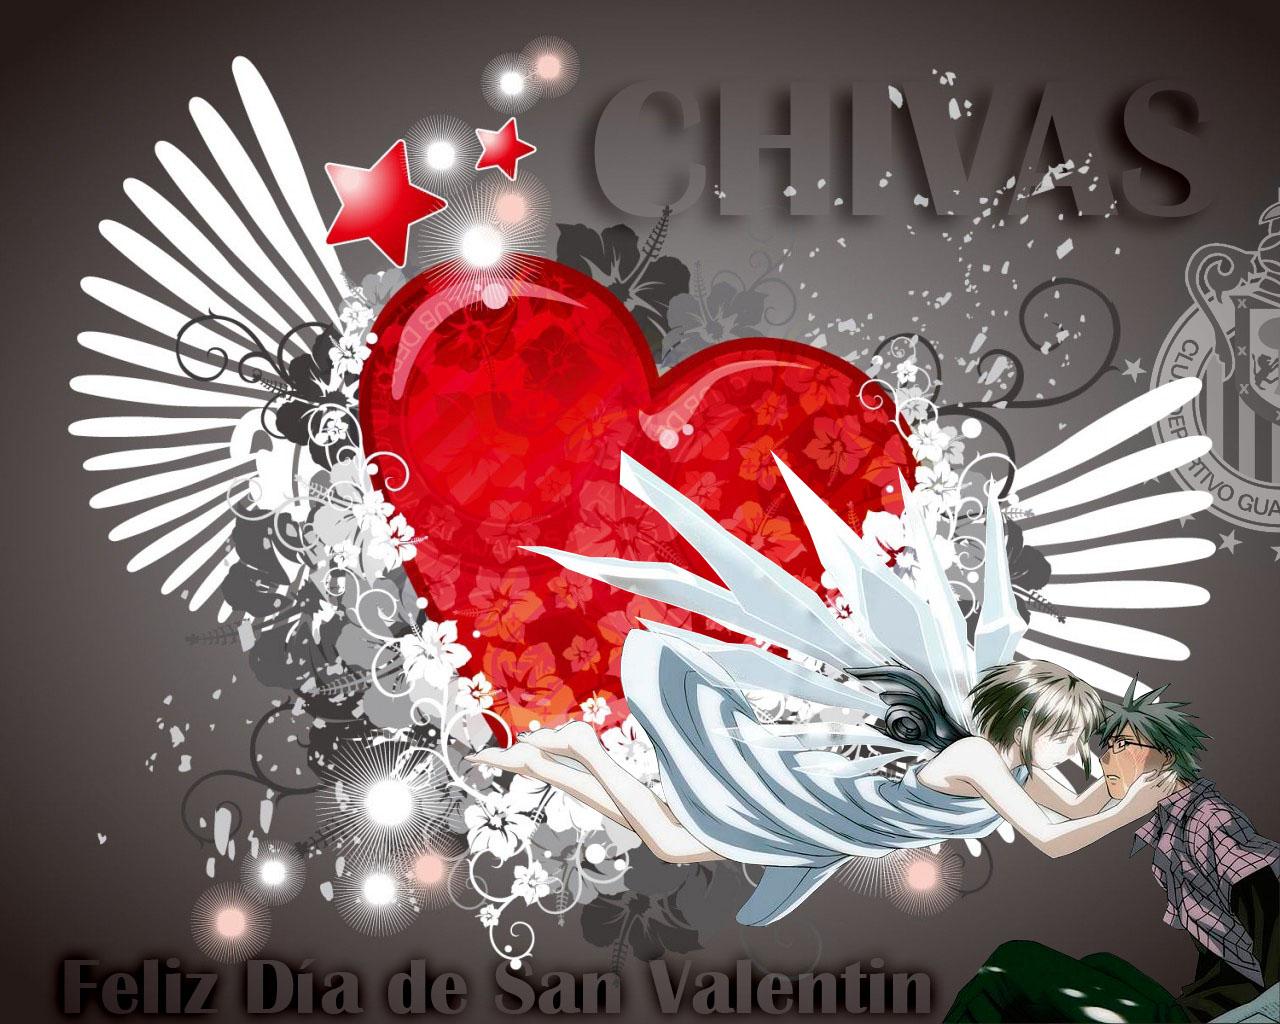 Imágenes hermosas para San Valentín 14 de Febrero  - Descargar Imagenes De Sanvalentin